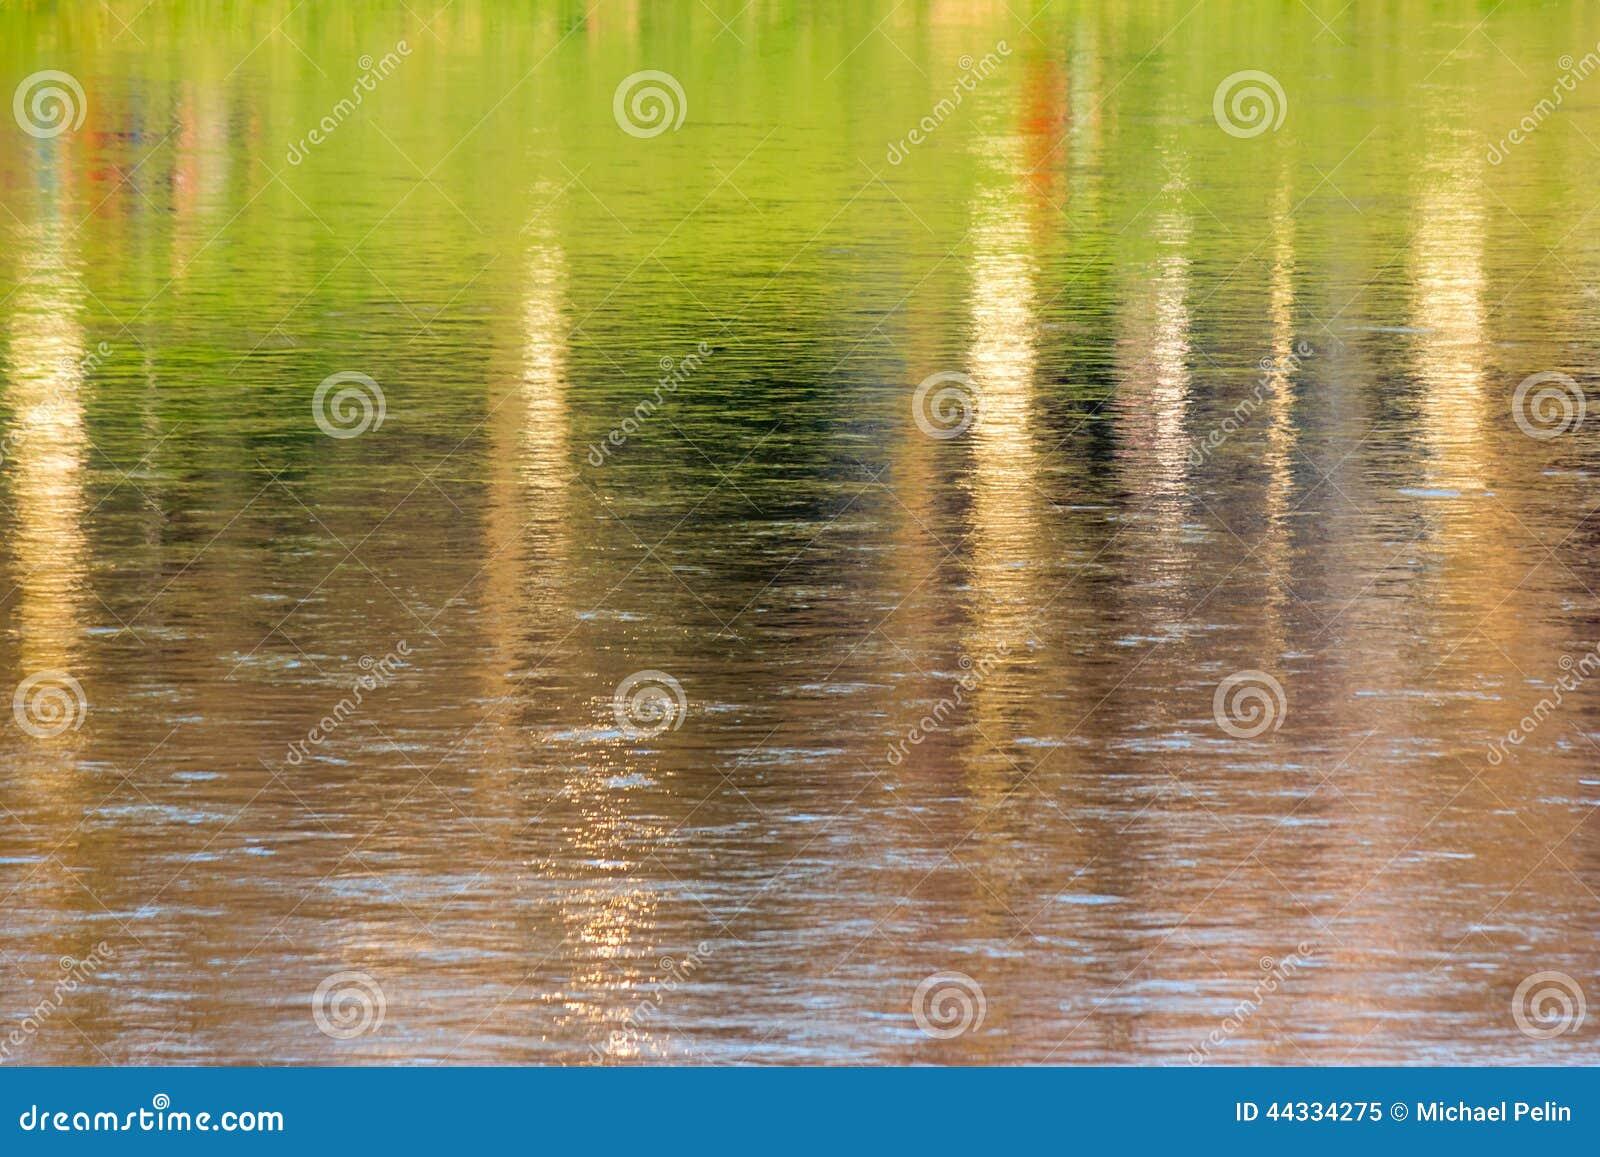 Abstrakt höstträdreflexion i vatten